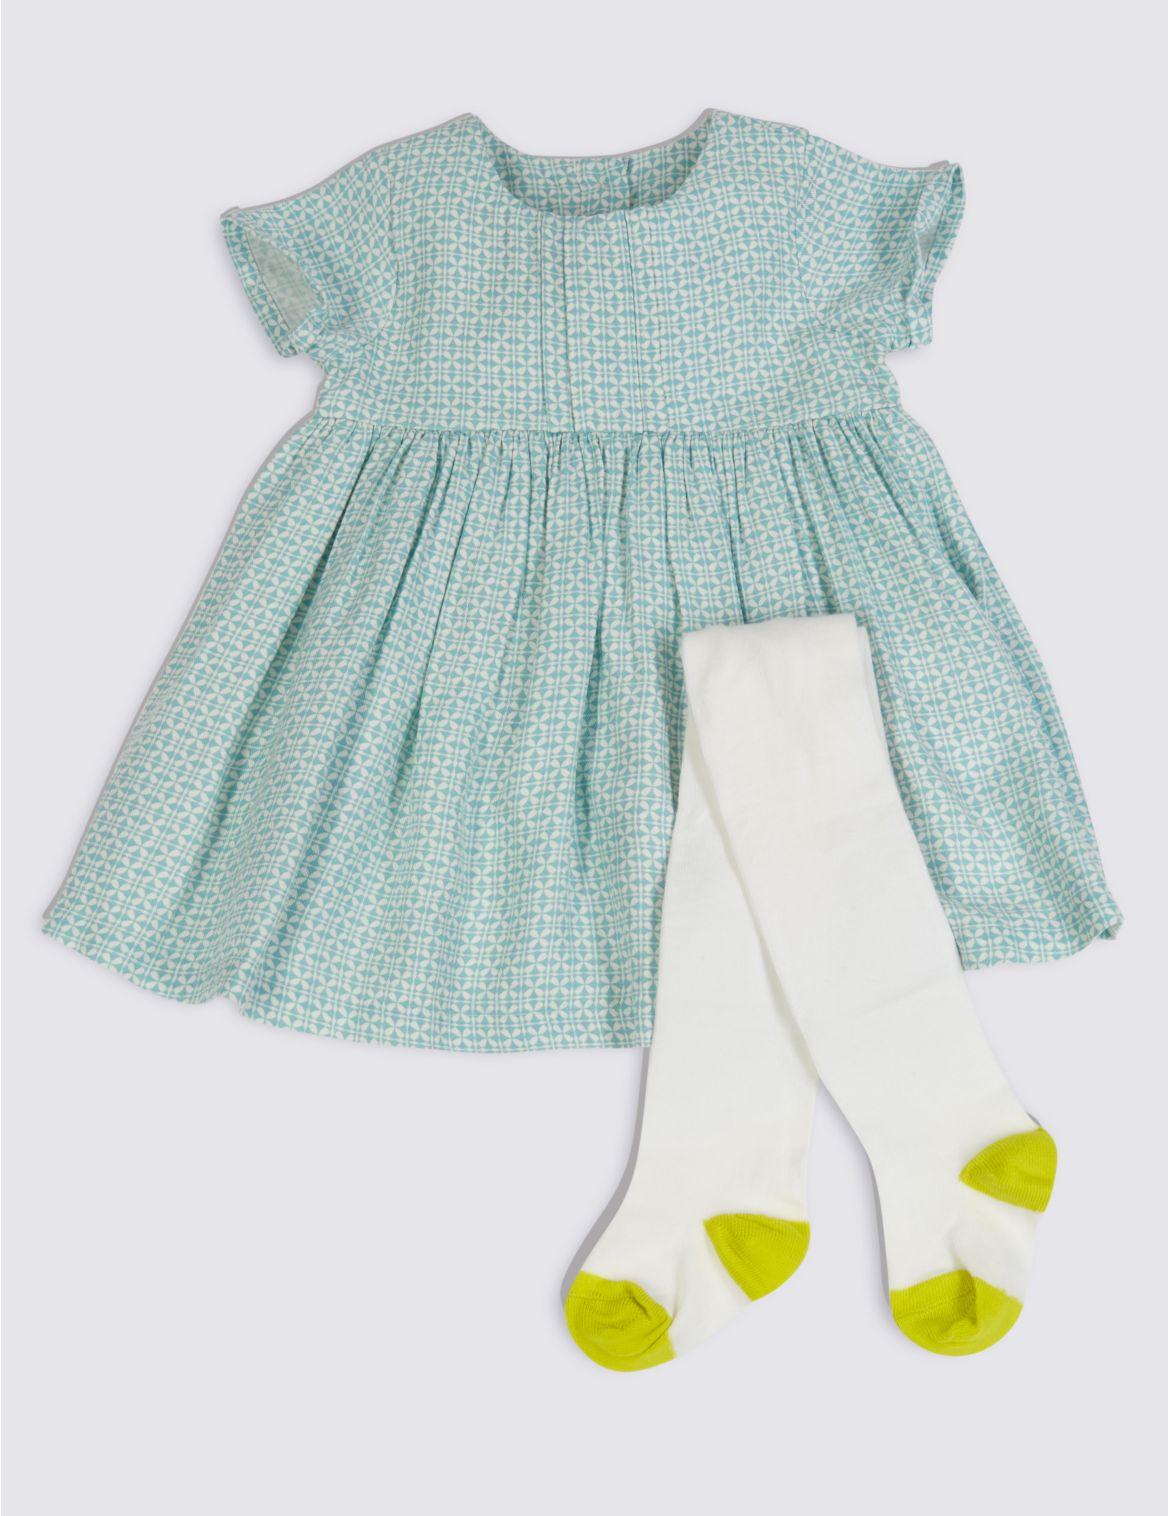 2delige outfit met babyjurkje en